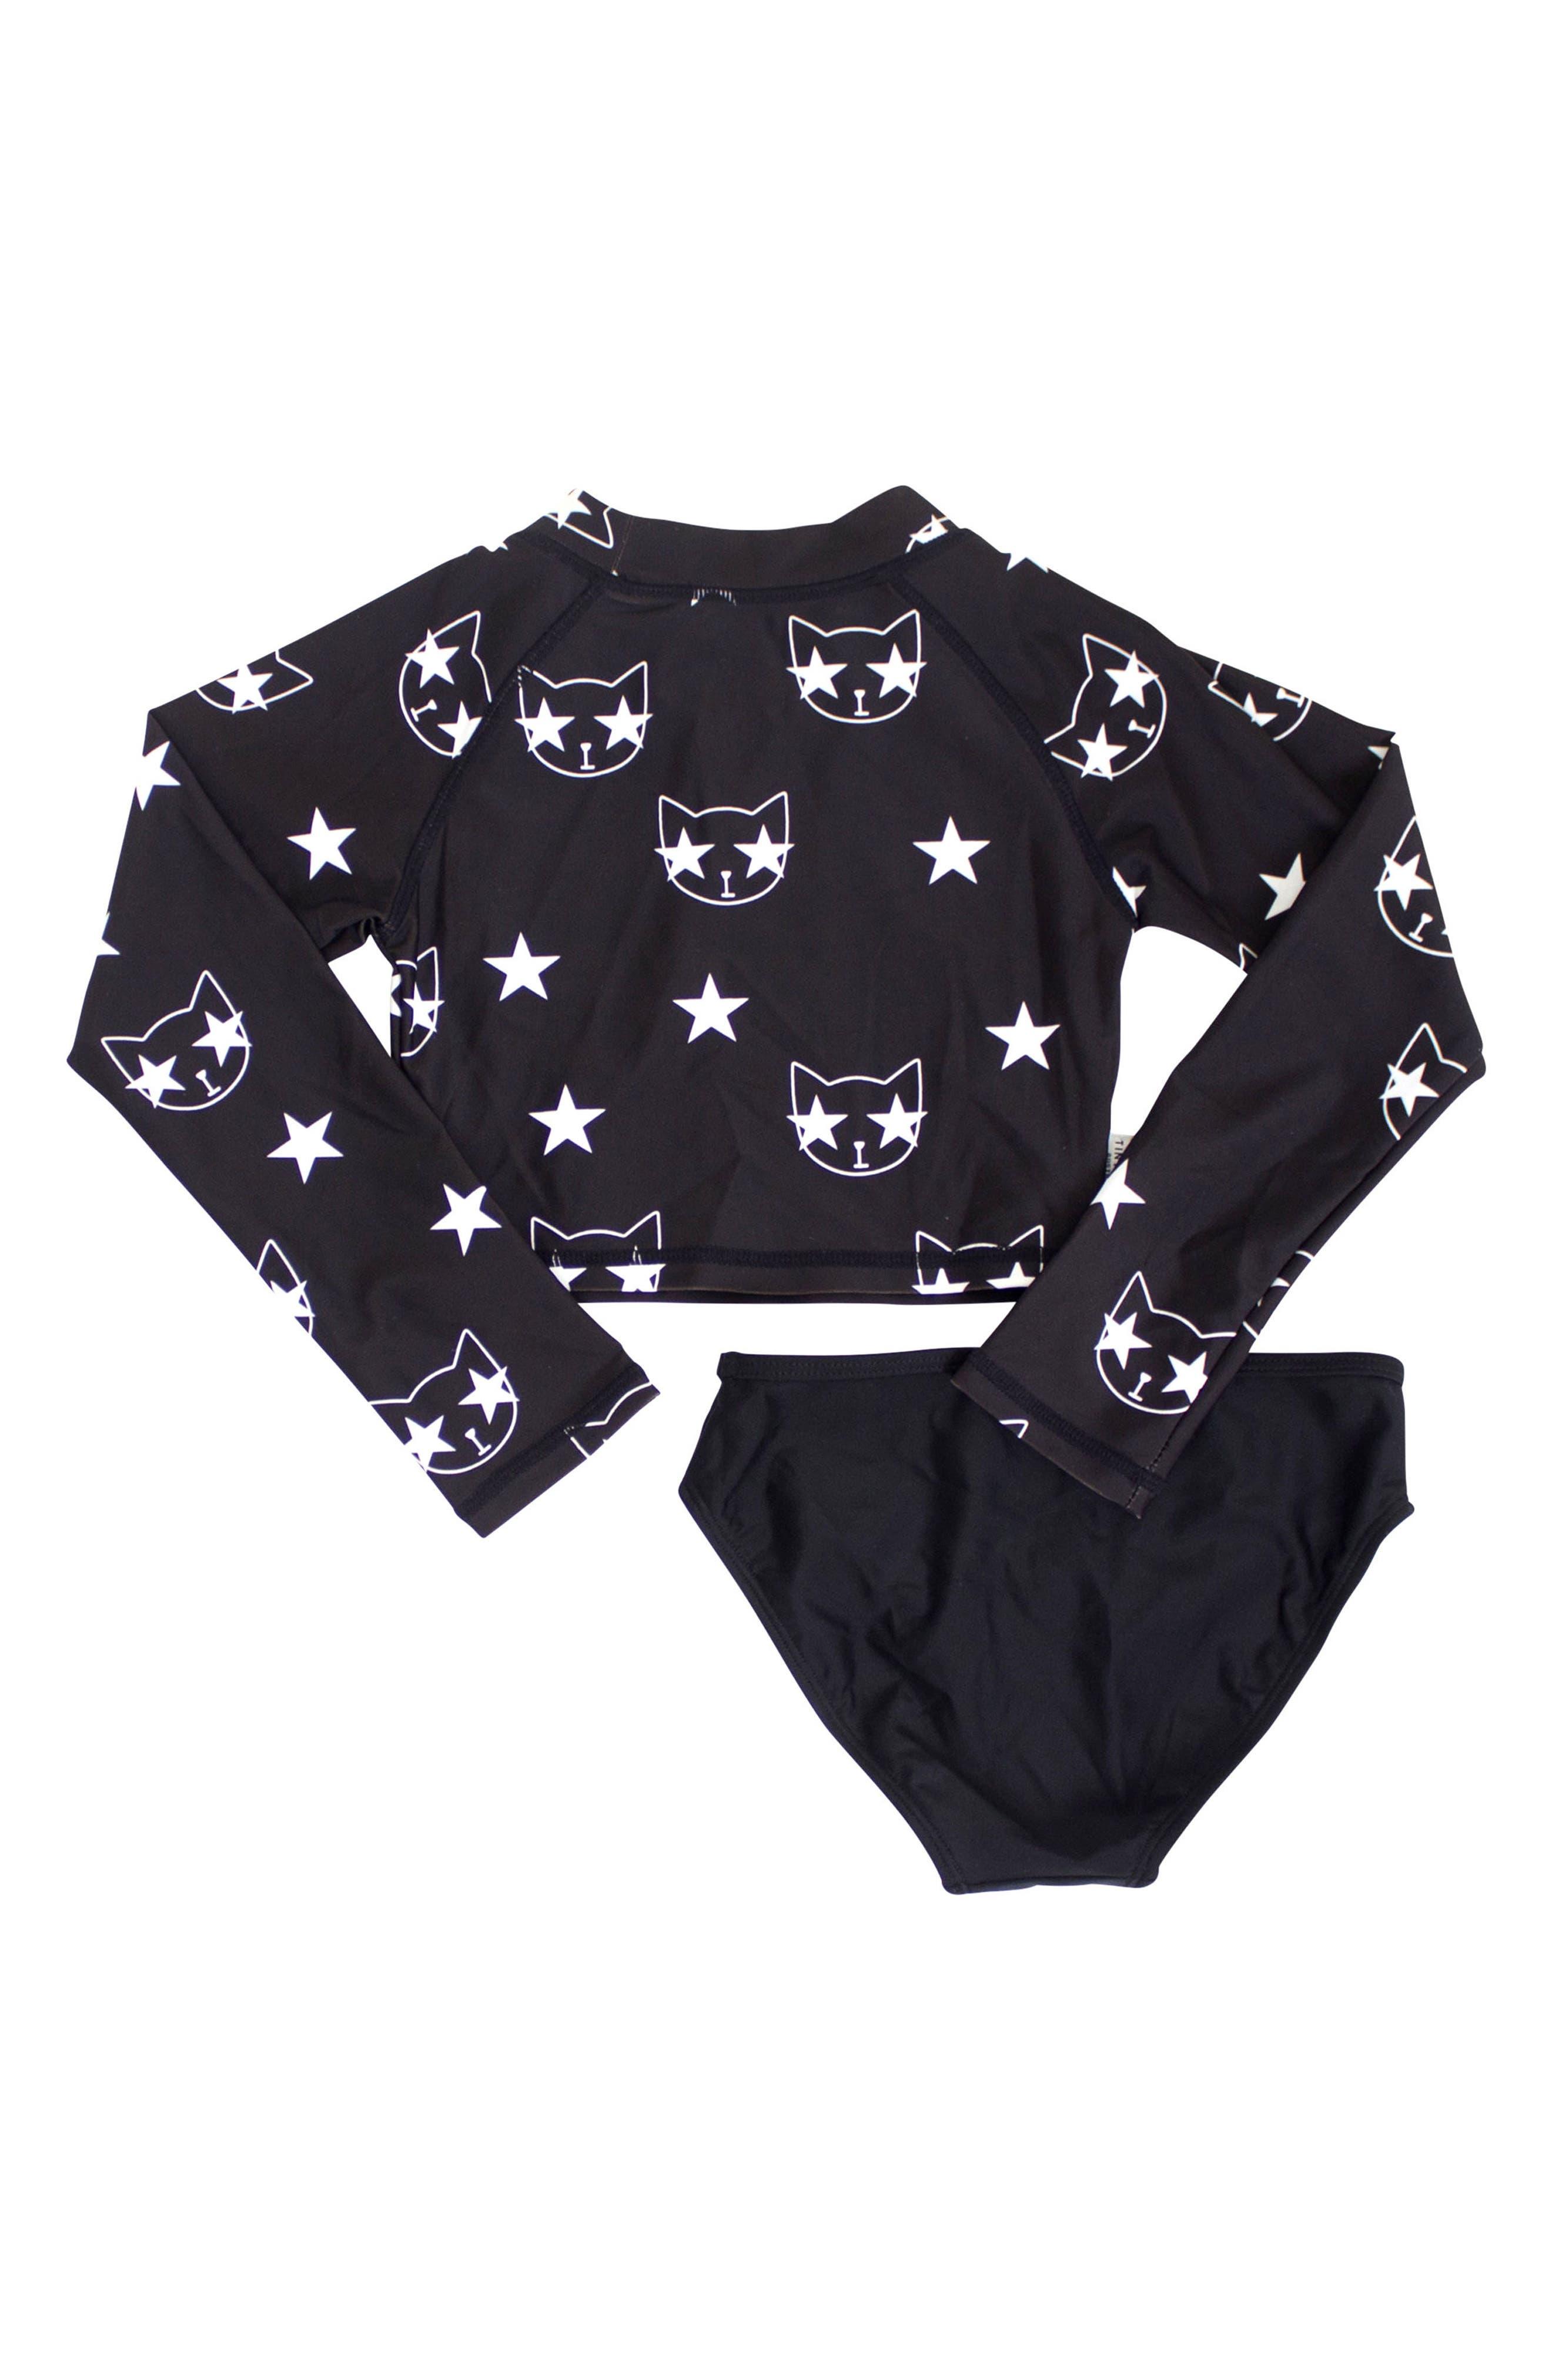 Starcat Two-Piece Rashguard Swimsuit,                             Alternate thumbnail 2, color,                             Black